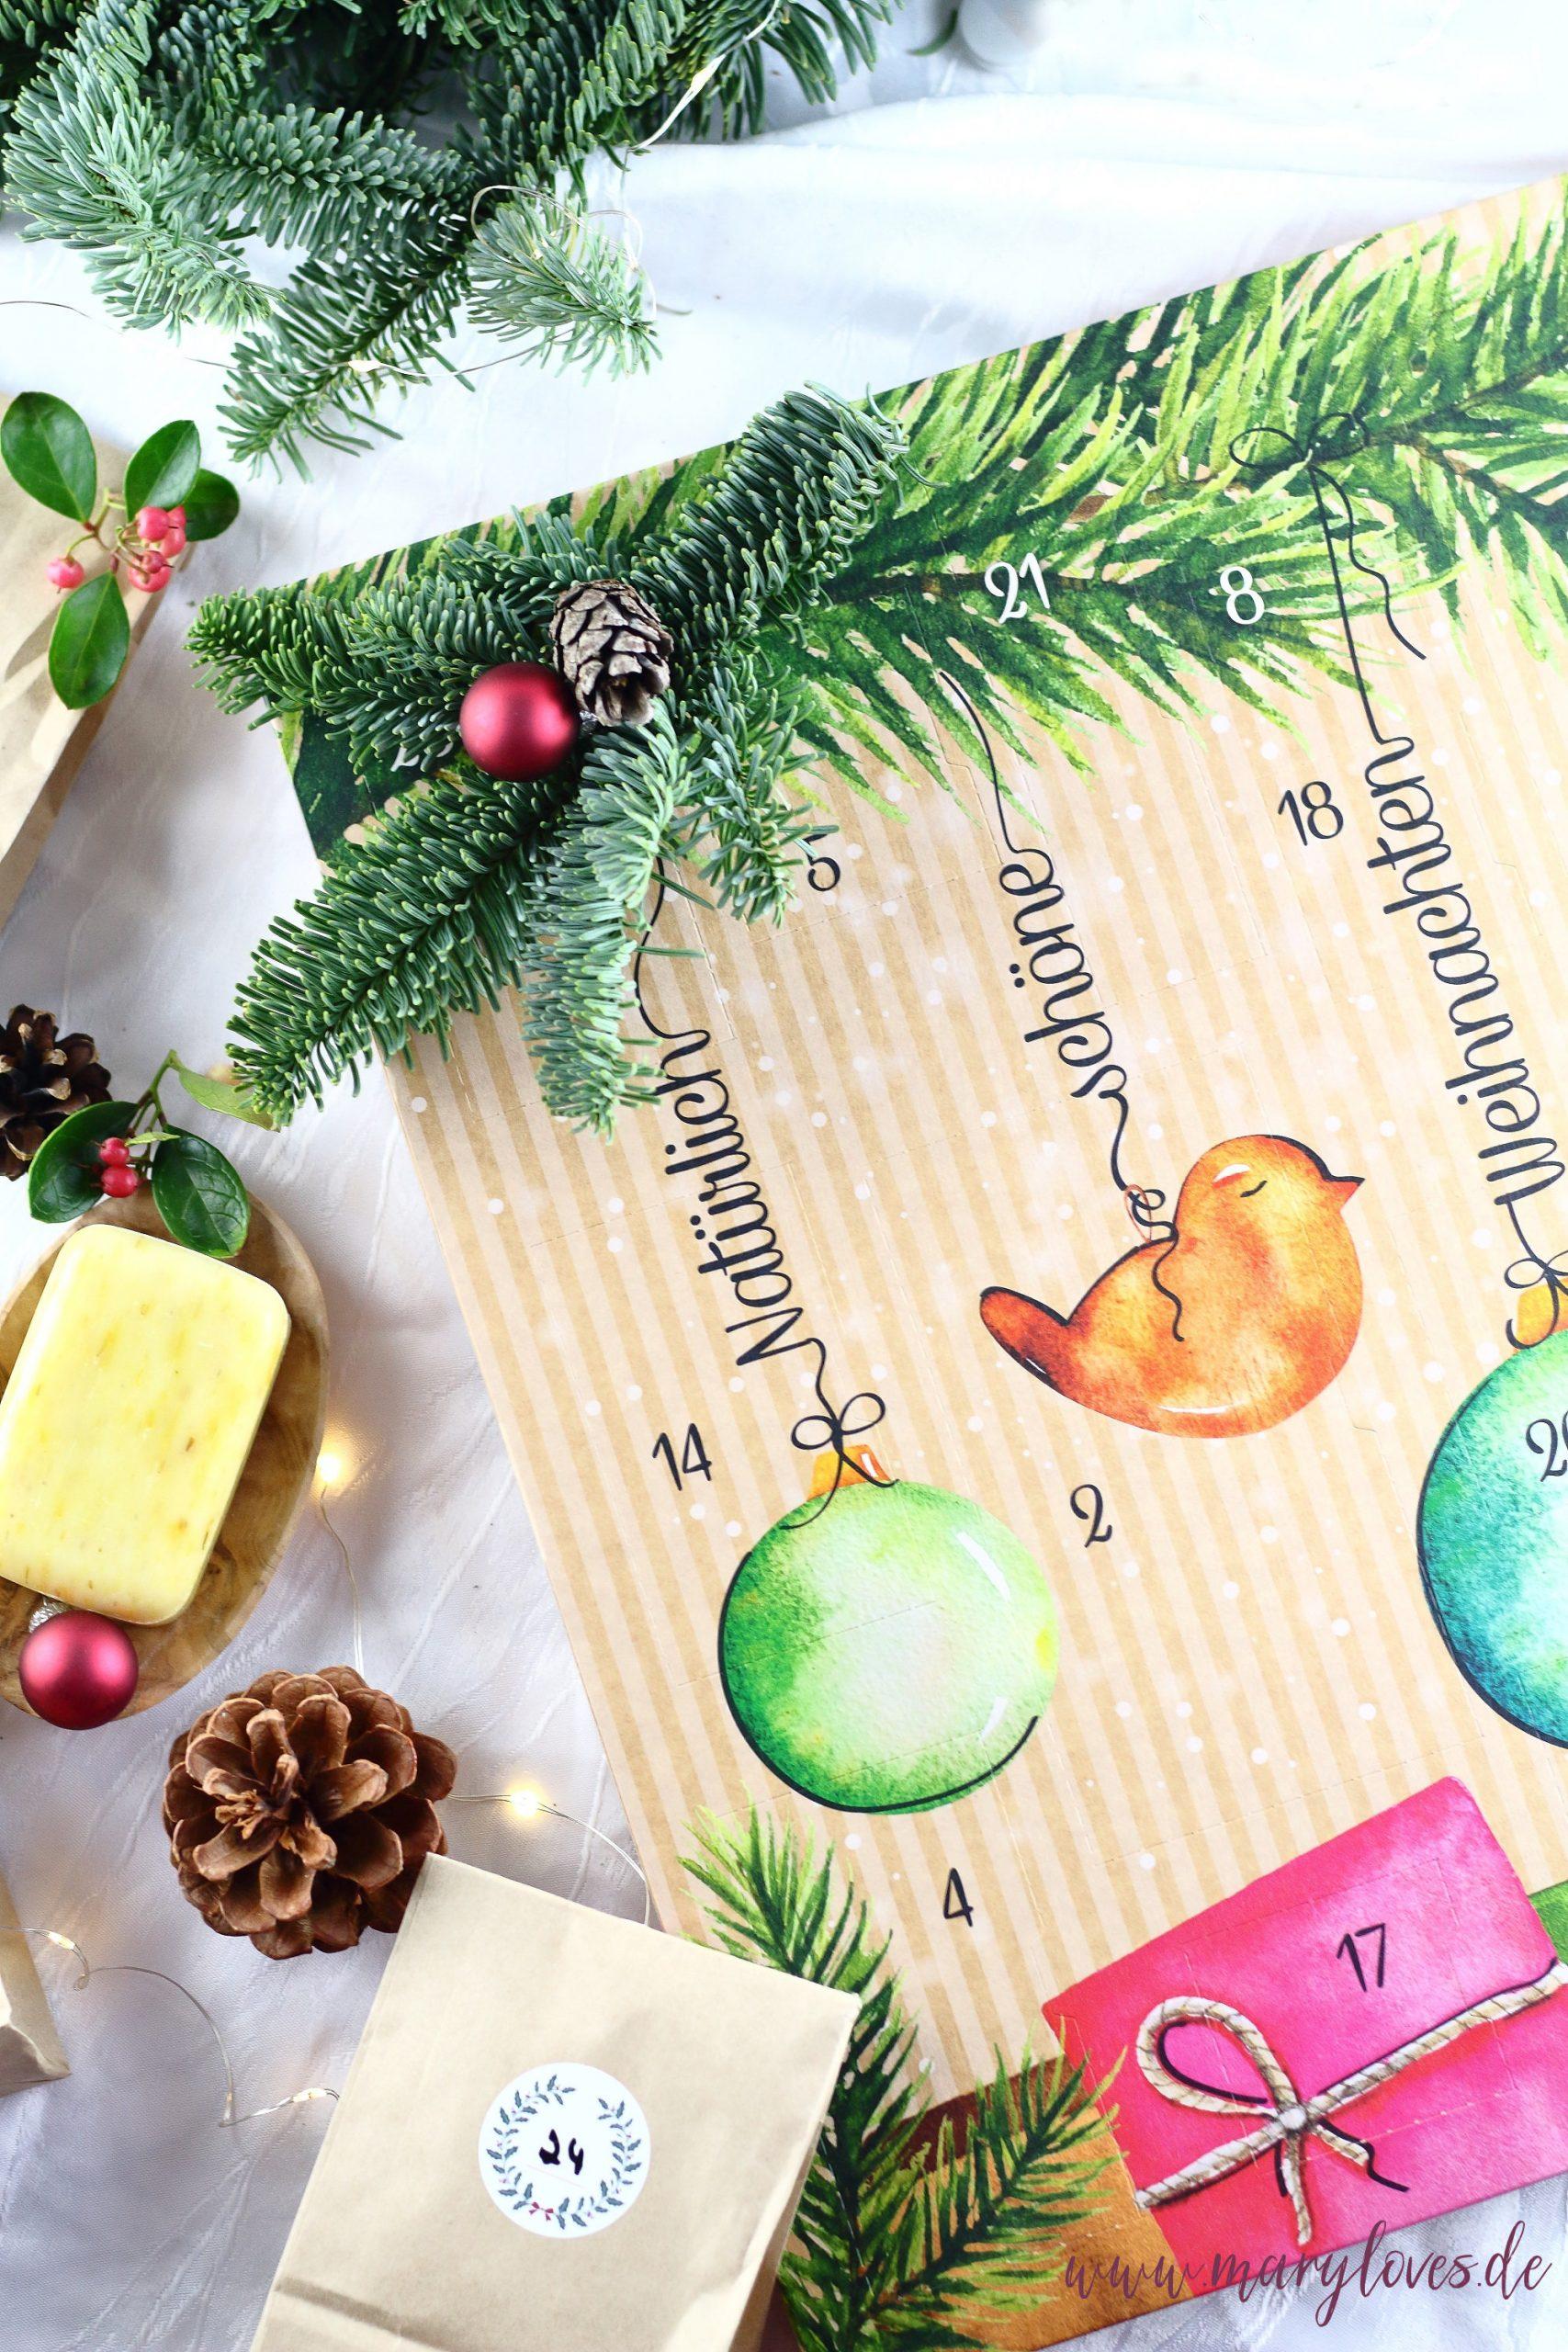 [Werbung unbeauftragt] Natürlich schöne Weihnachten - Die schönsten Naturkosmetik Adventskalender - Alverde Adventskalender 2019